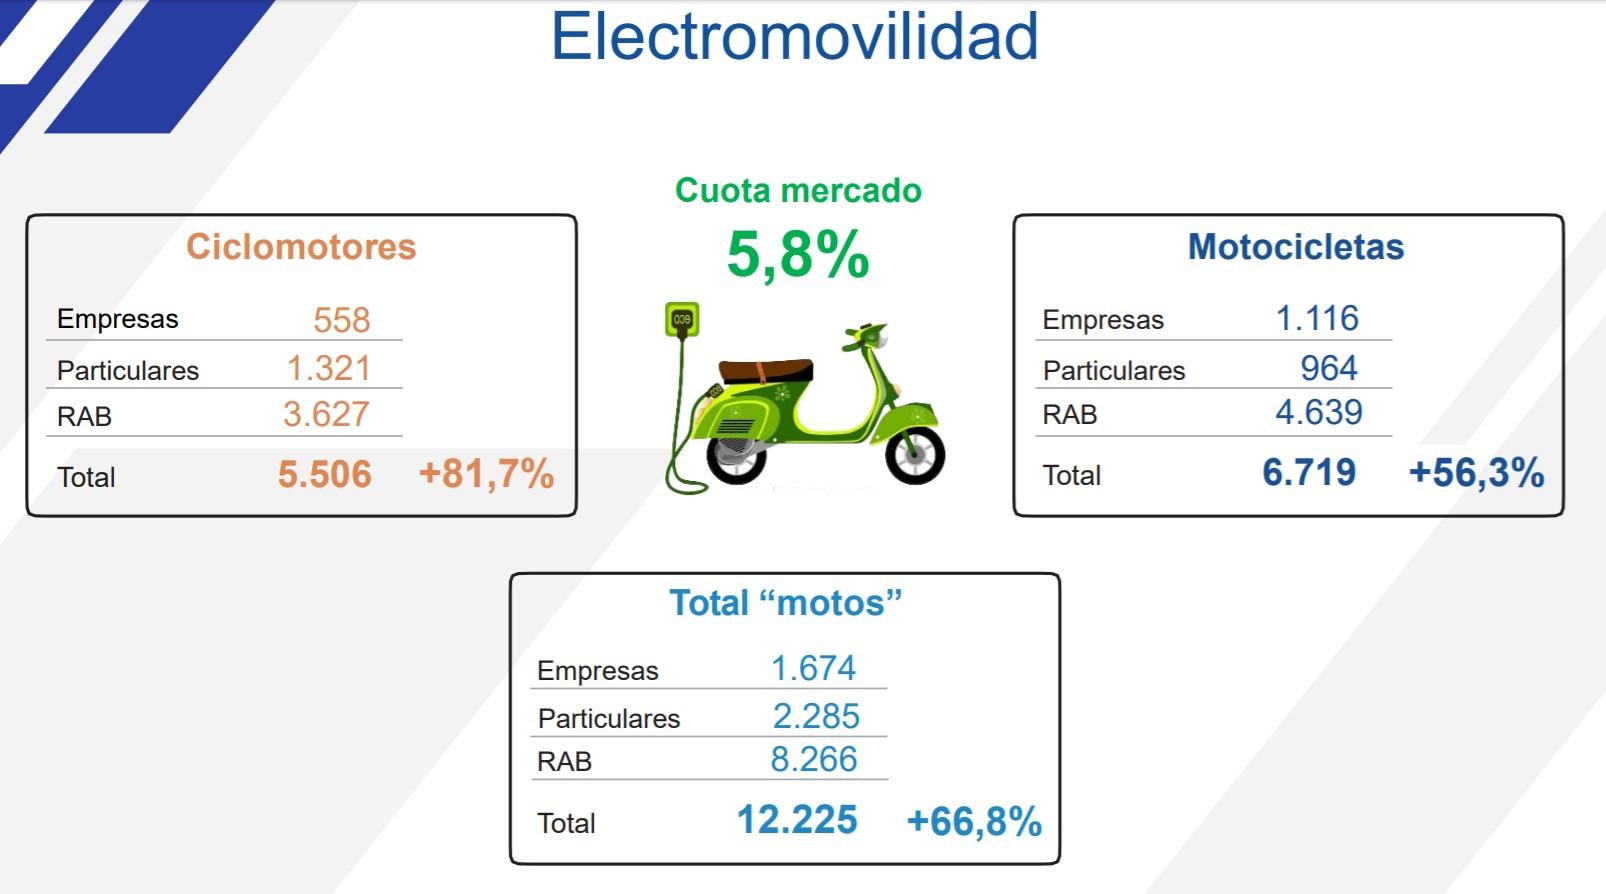 Datos electromovilidad 2019